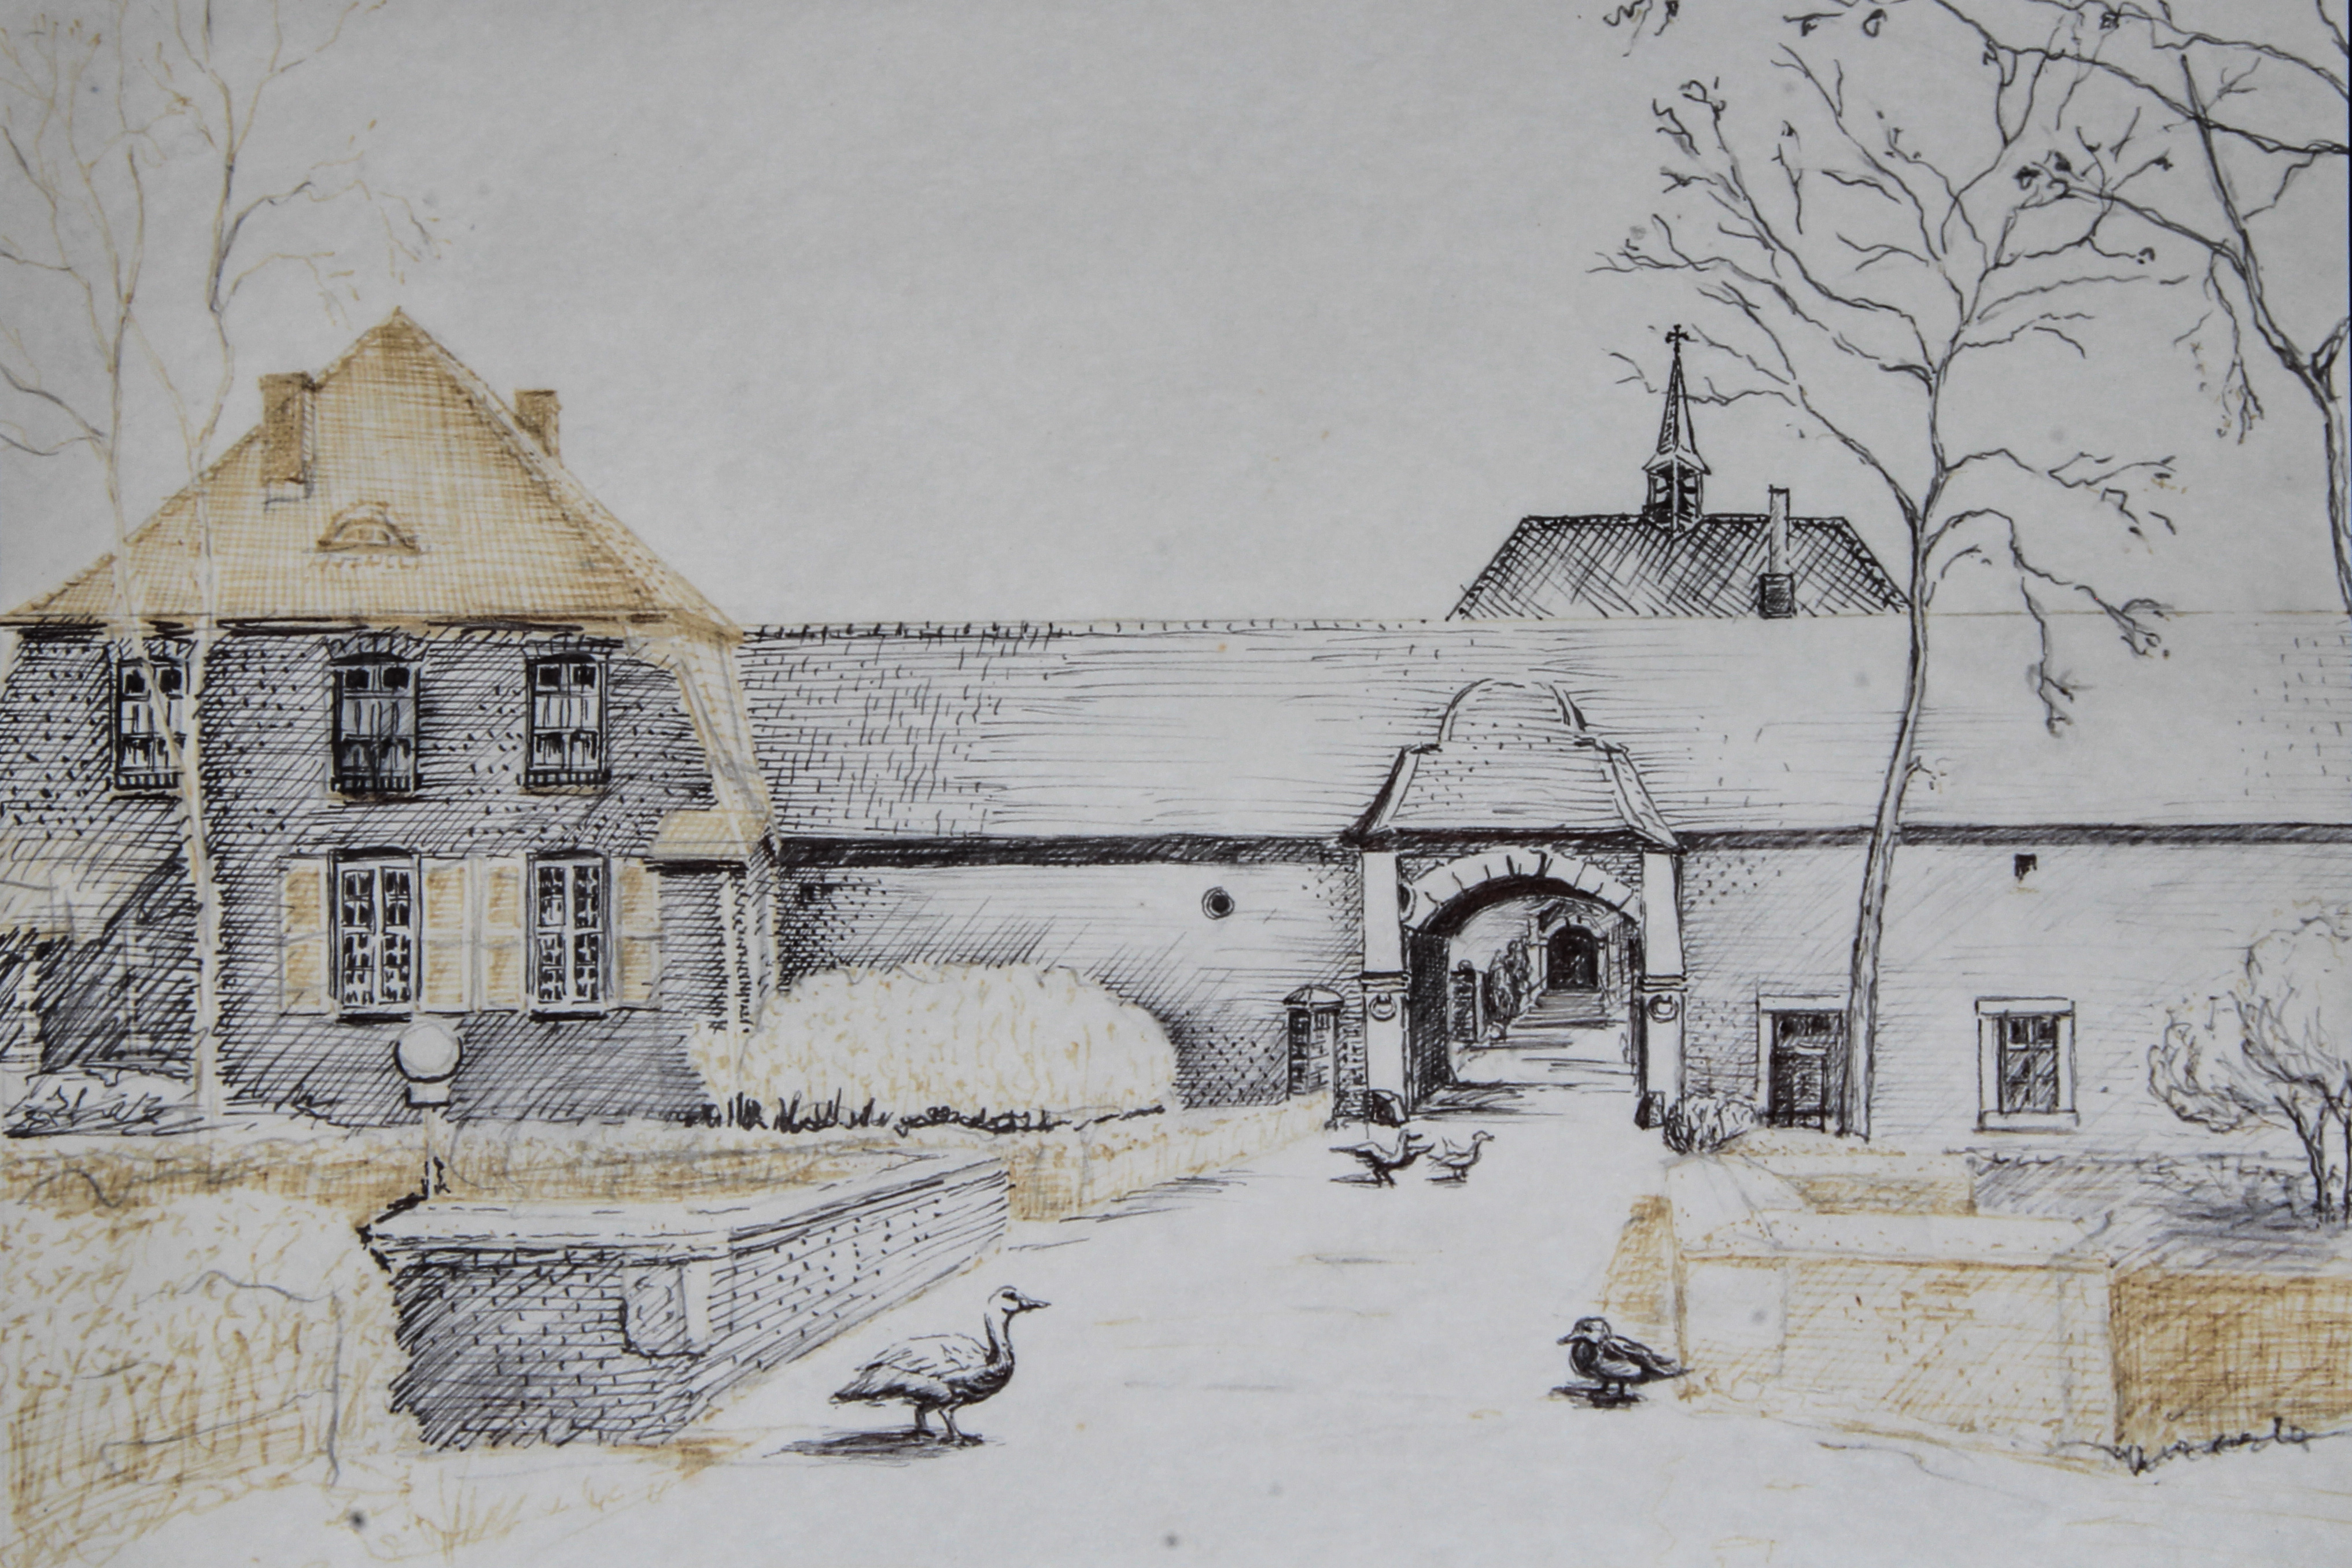 Kloster gemalt von Peter Naida